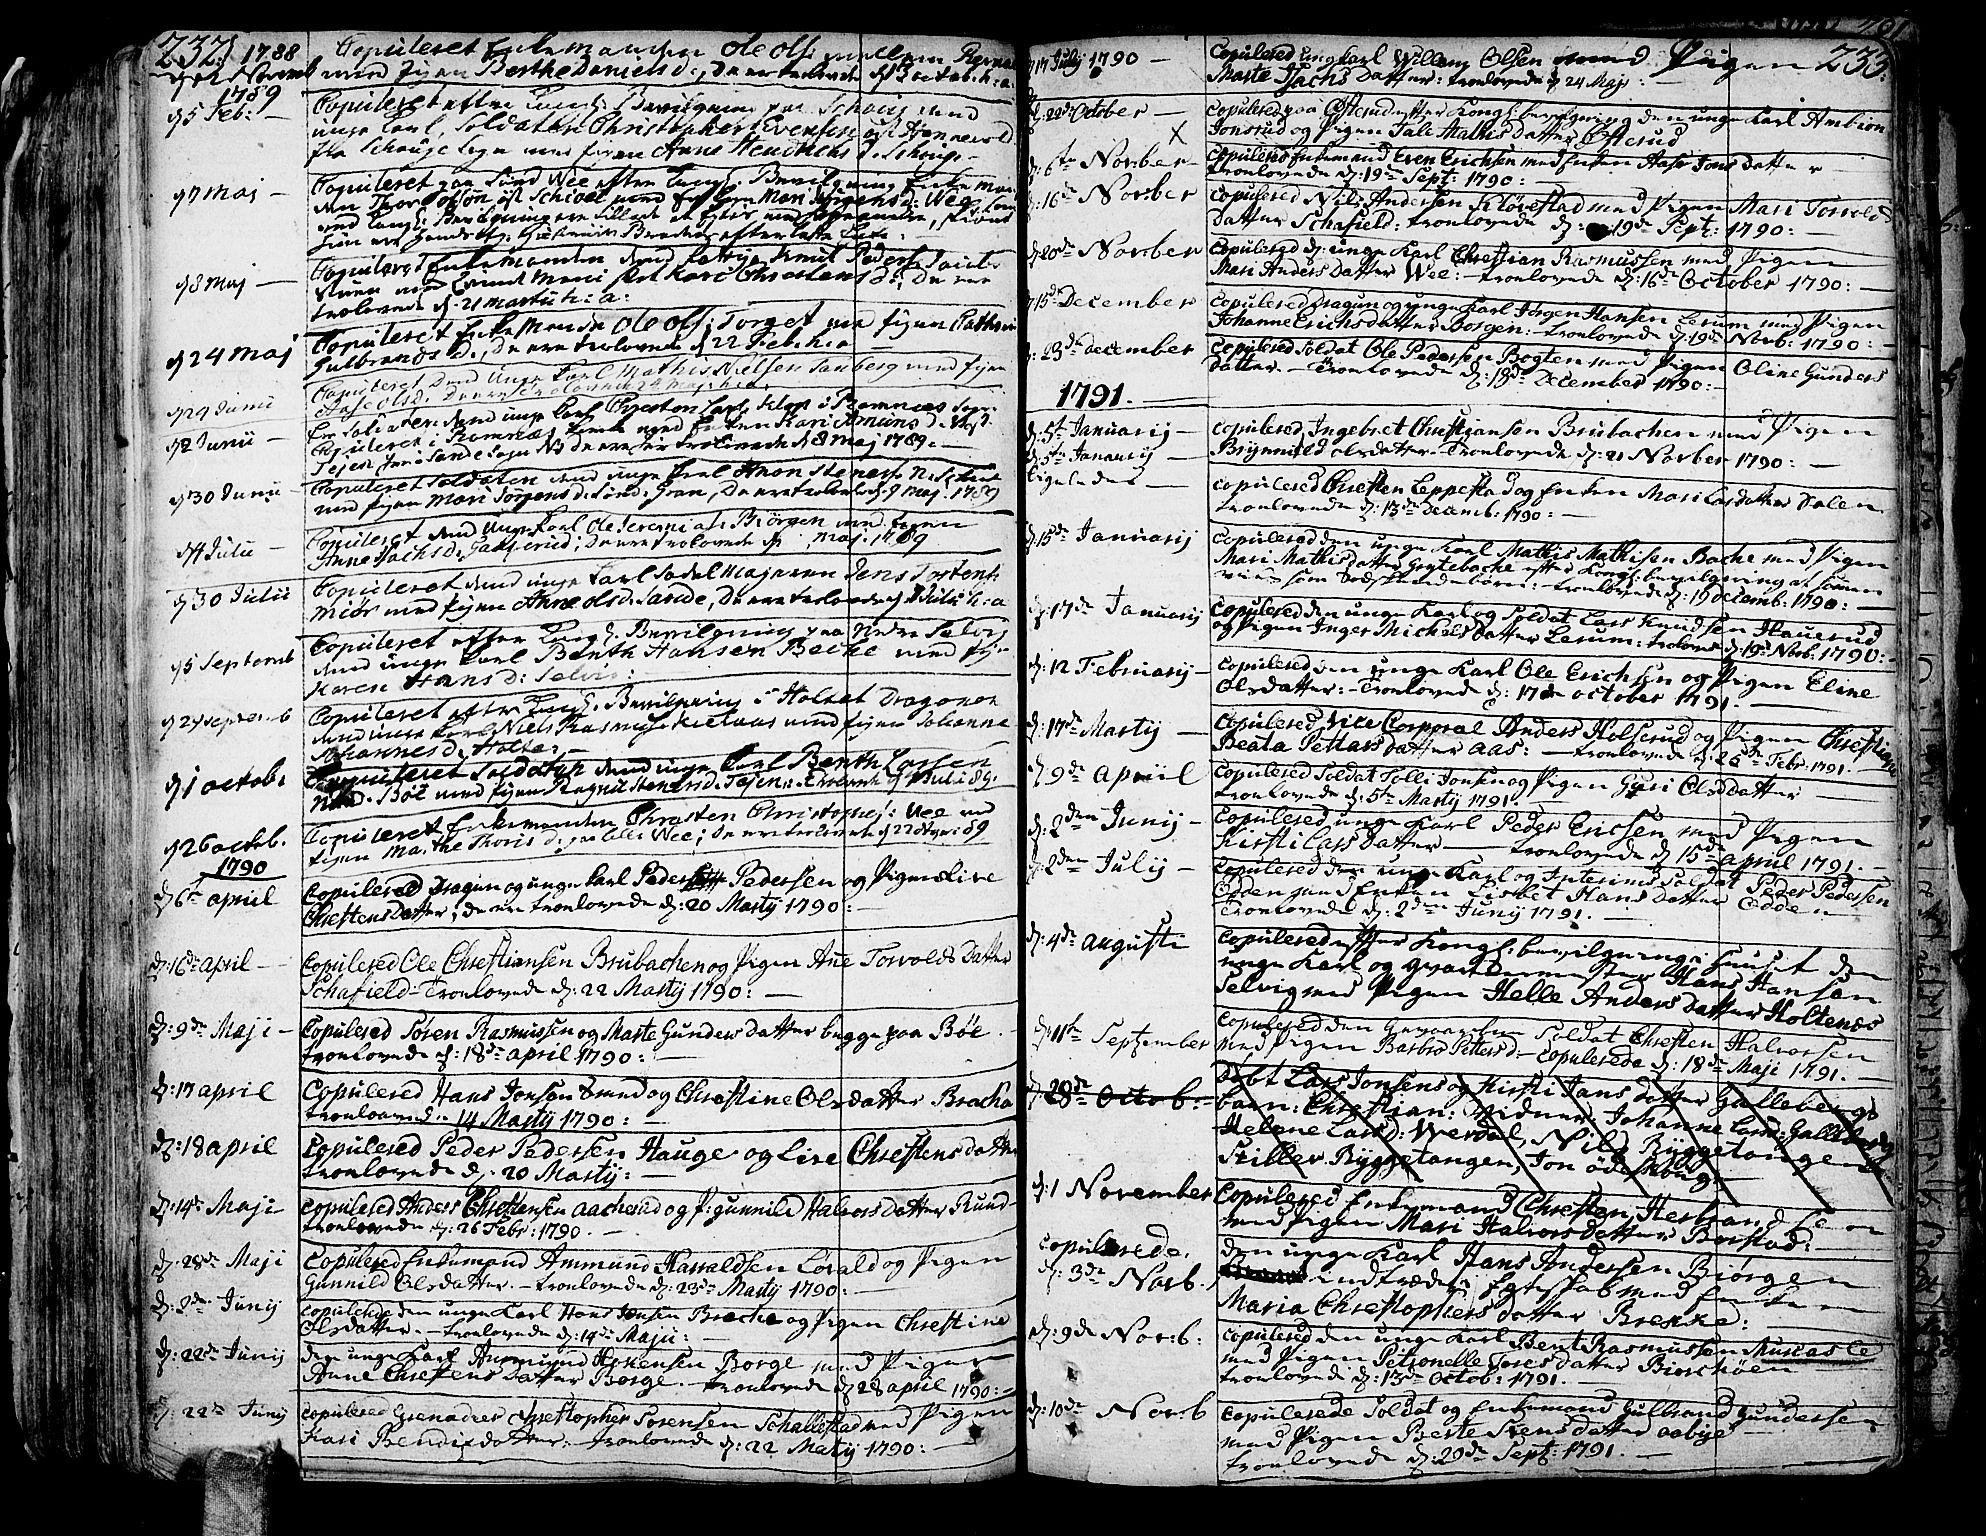 SAKO, Sande Kirkebøker, F/Fa/L0001: Ministerialbok nr. 1, 1753-1803, s. 232-233